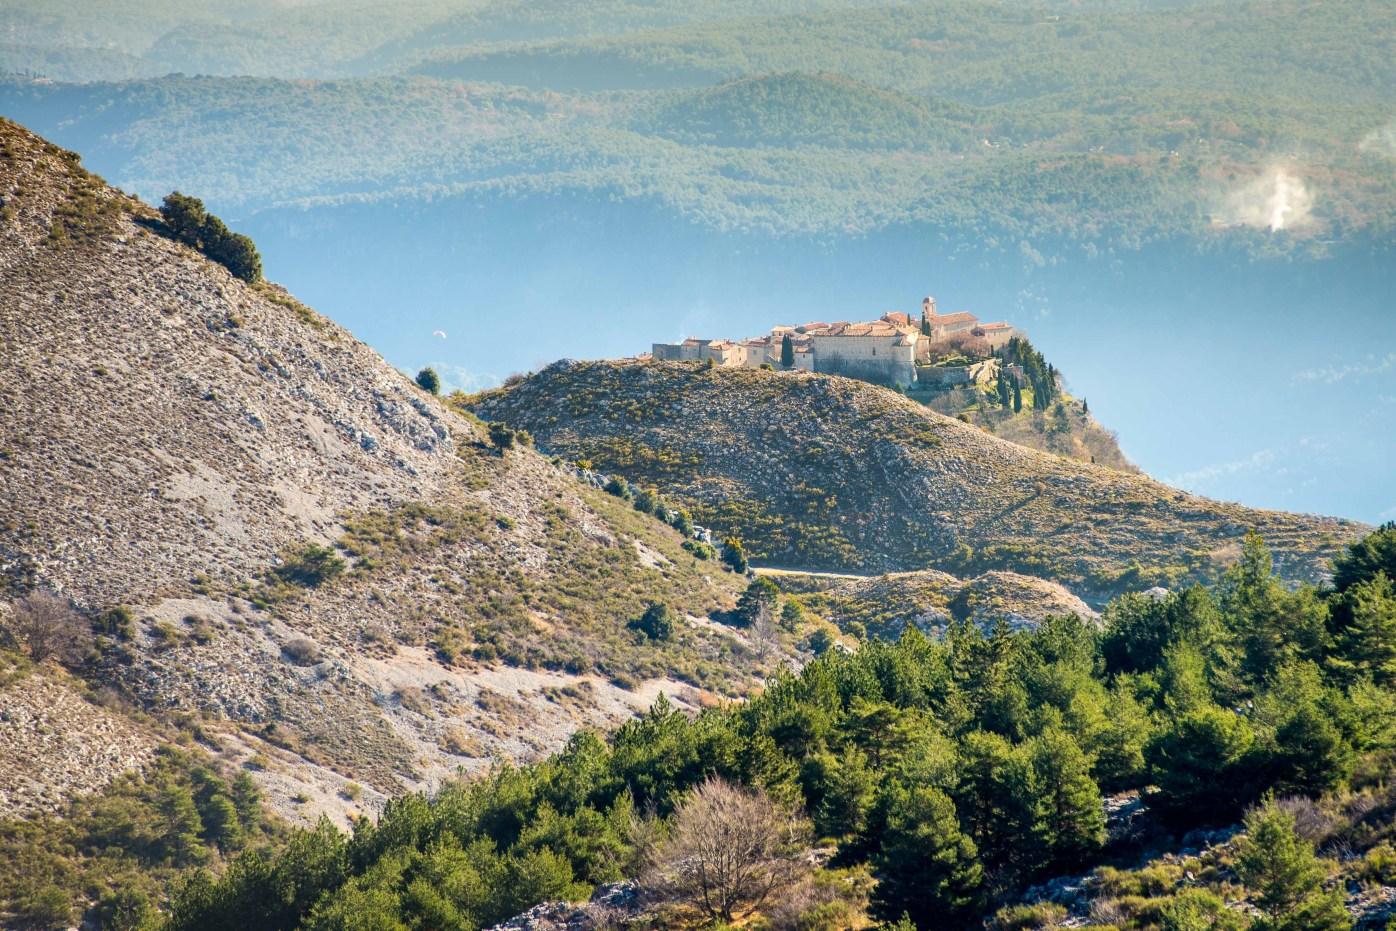 Calern Randonnée Caussols provence alpes cote d'azur paca blog voyage icietlabas-5